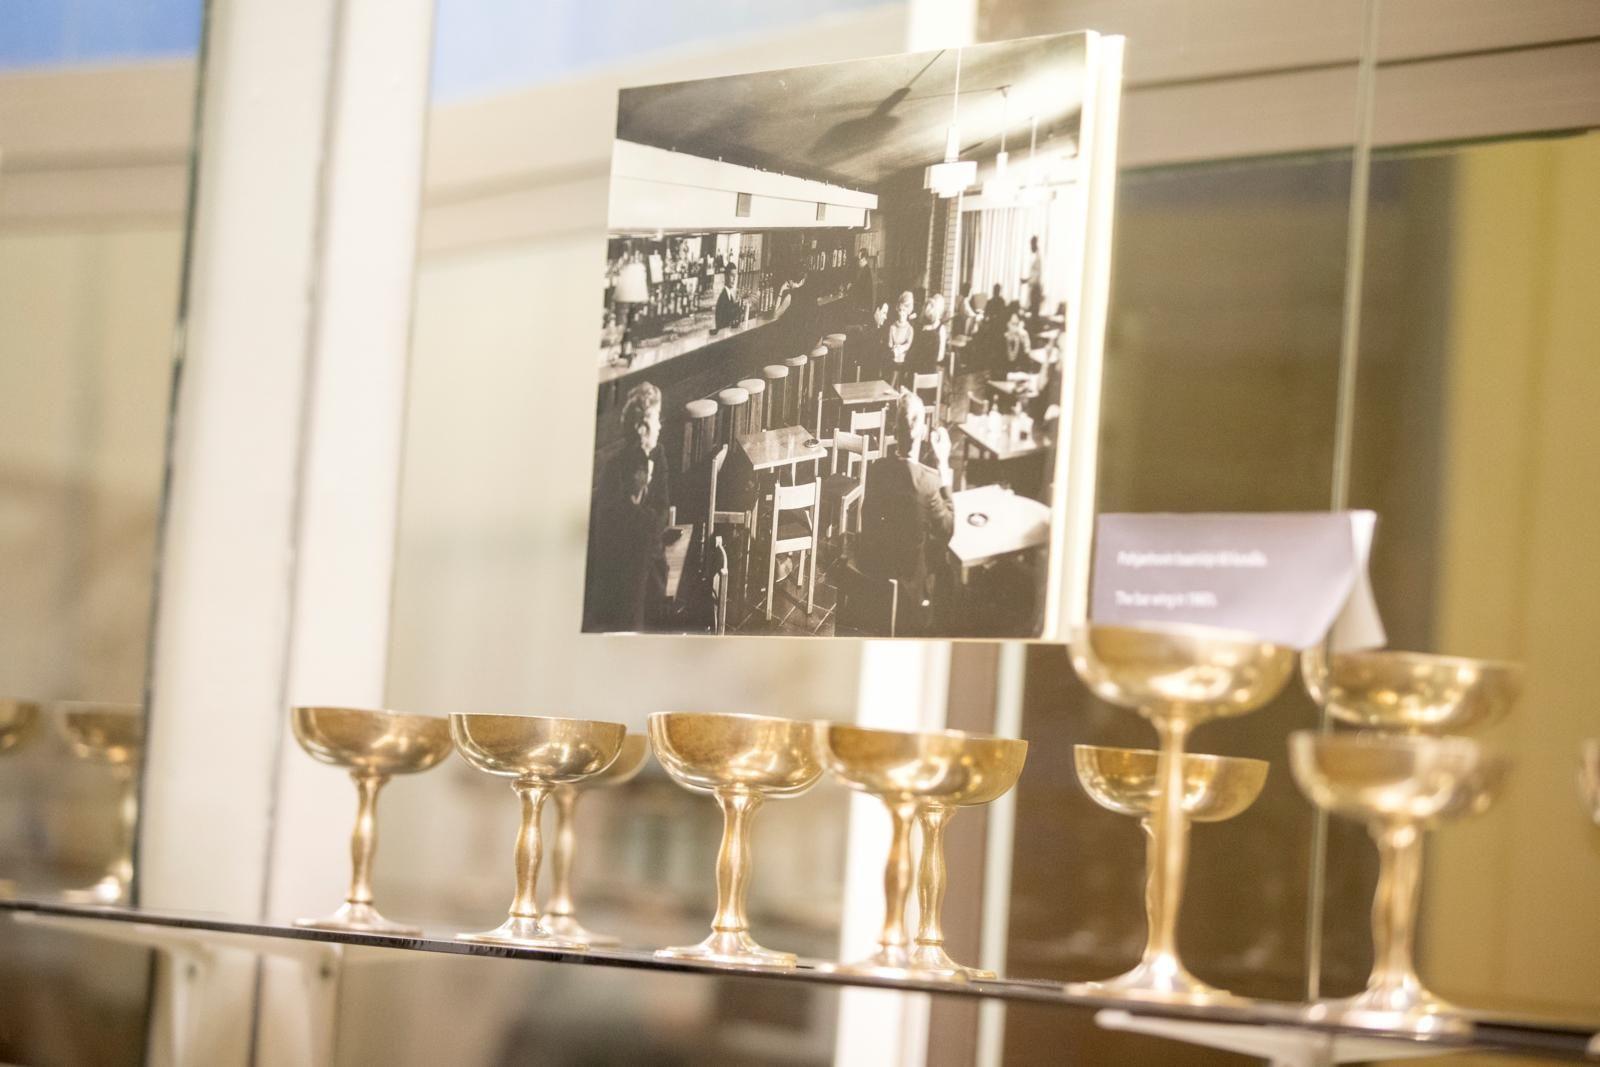 Hotelli Pohjanhovin pitkä historia on esillä vitriinissä hotellin käytävällä. Kuva: Kaisa Sirén